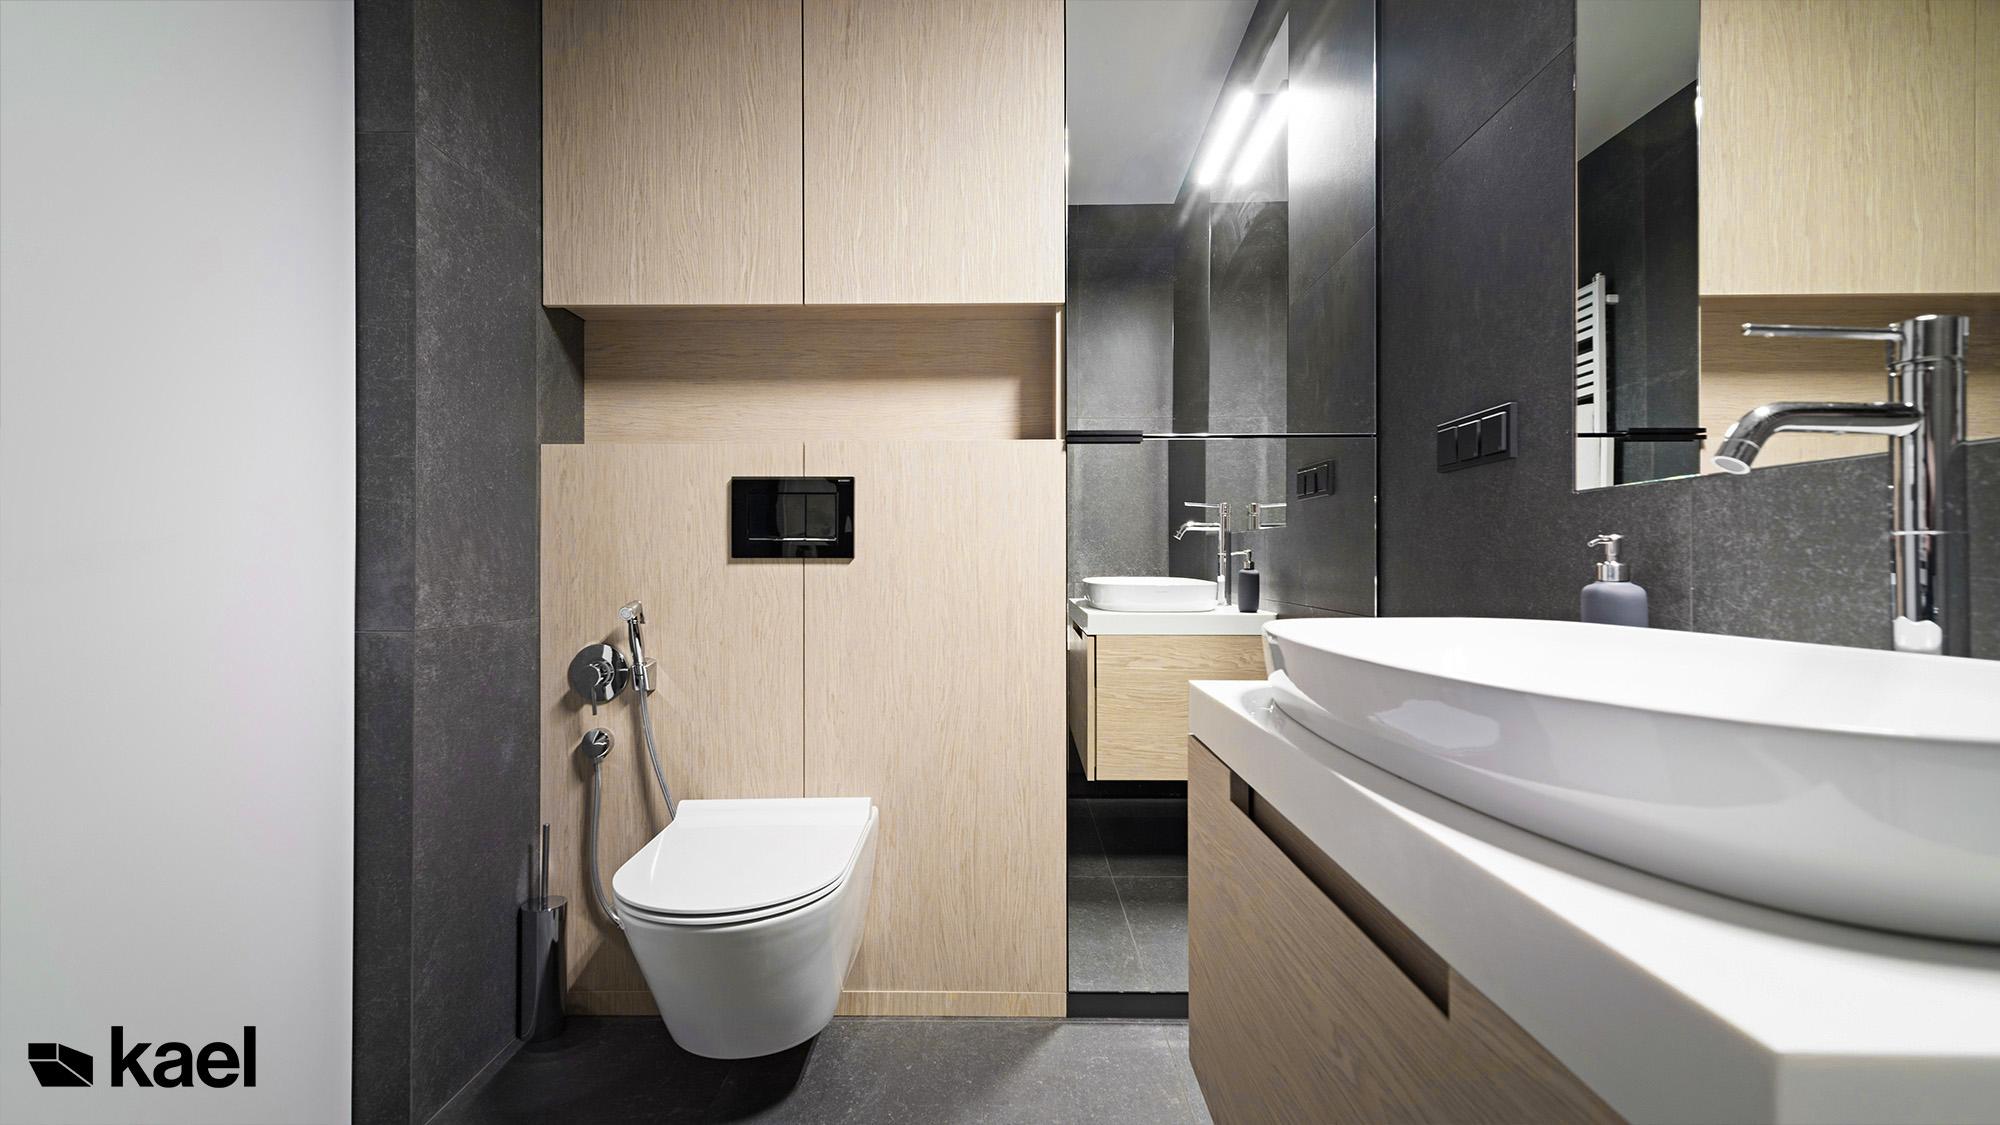 łazienka z zabudowanym geberitem